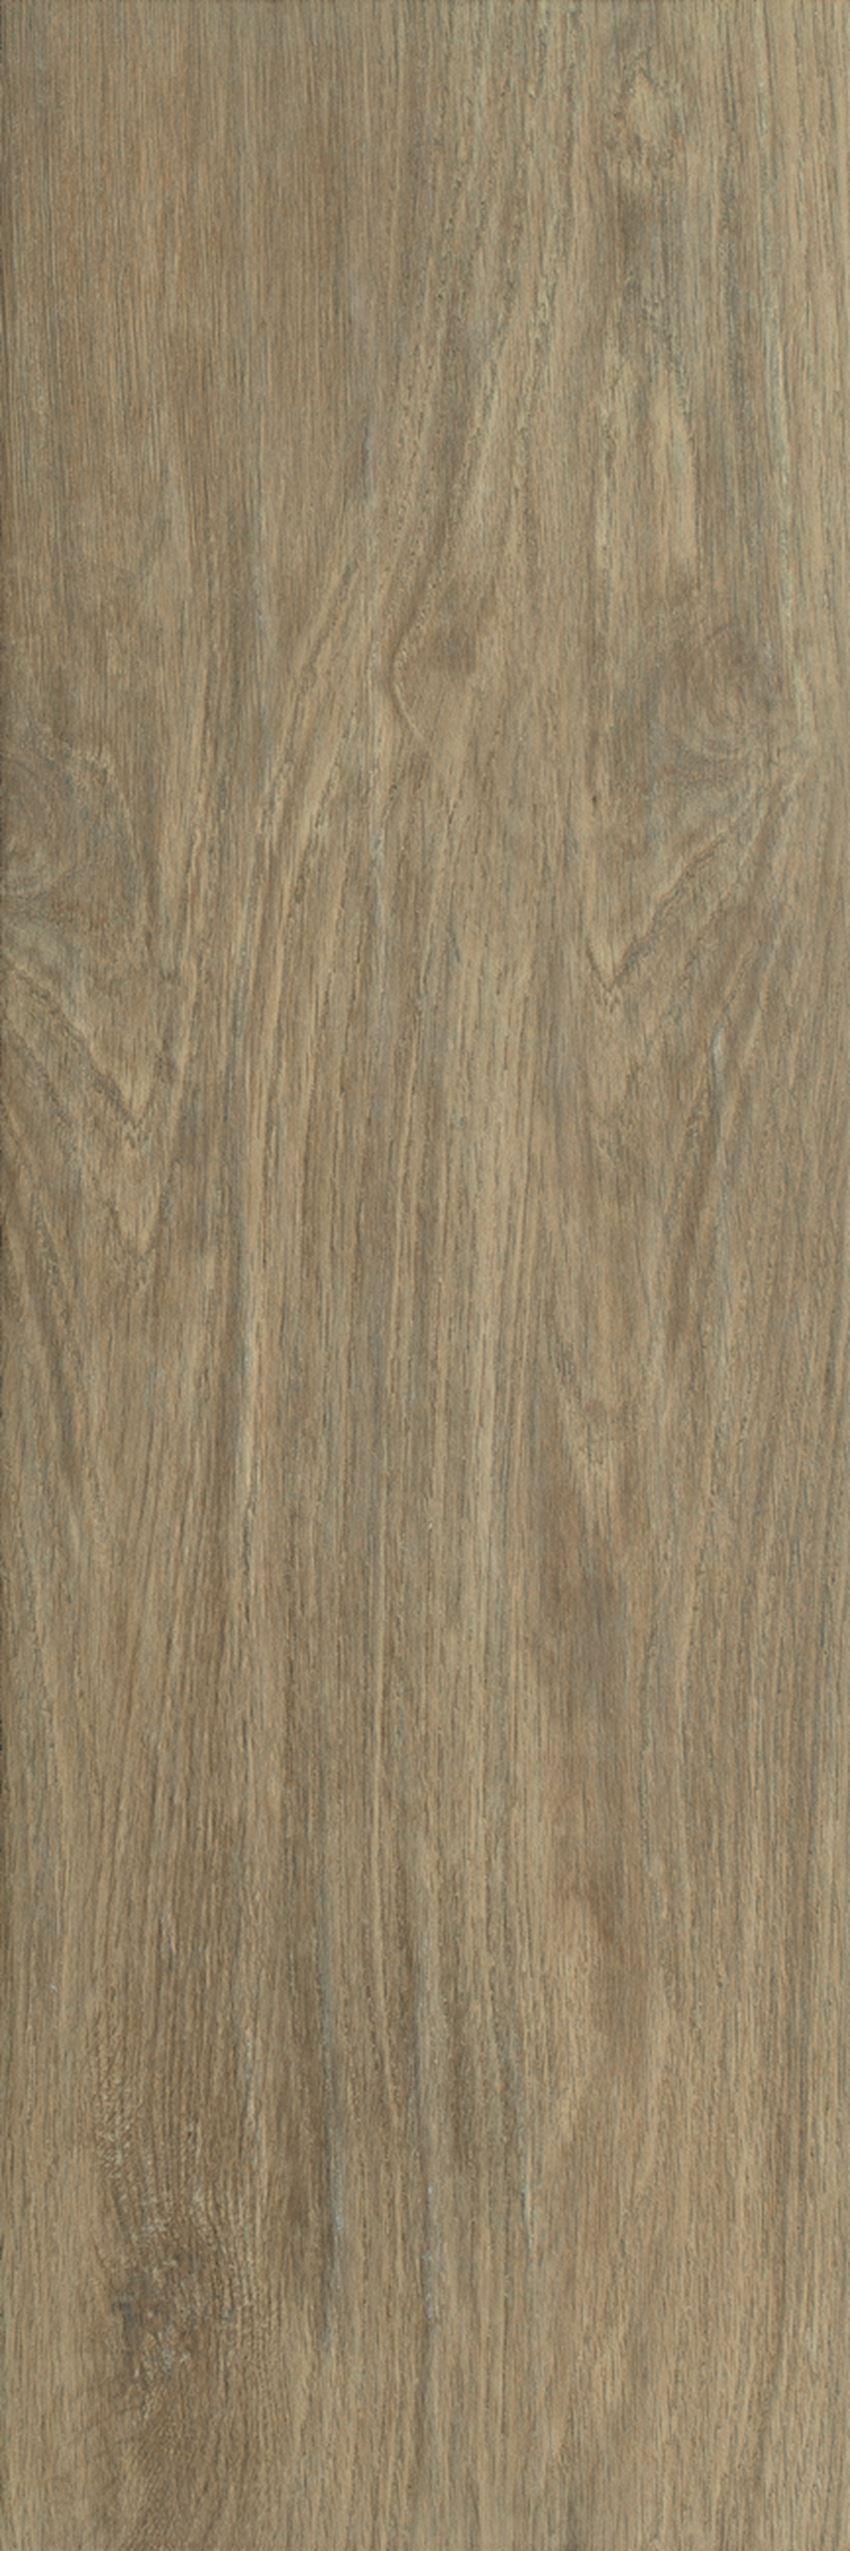 Płytka ścienno-podłogowa 20x60 cm Paradyż Wood Basic Brown Gres Szkl.